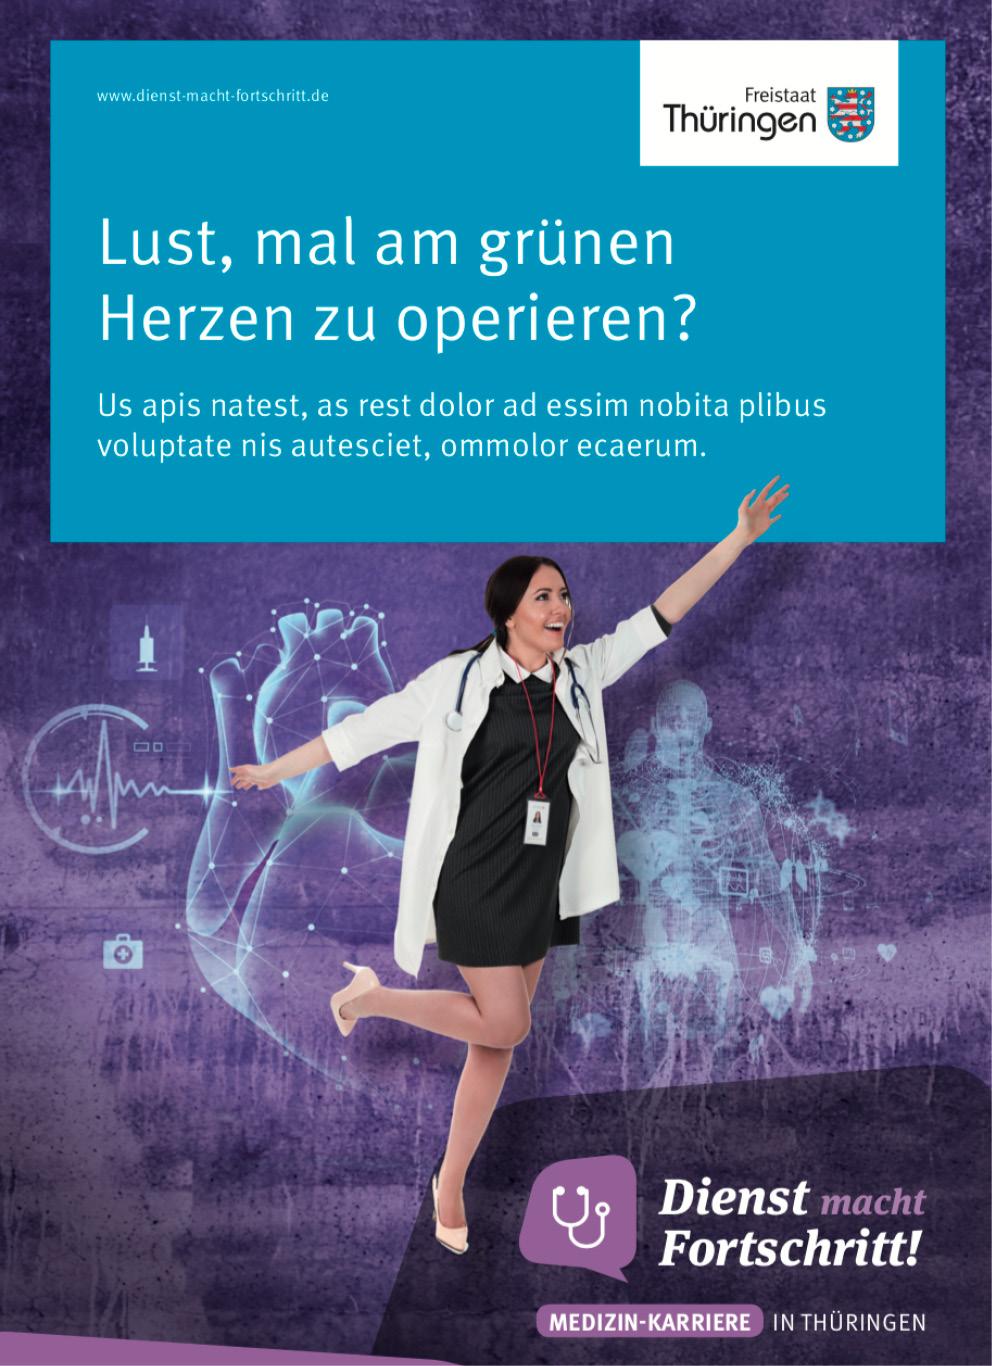 Samt&Seidel_Referenzen_LEG_Arbeitgebermarke_04